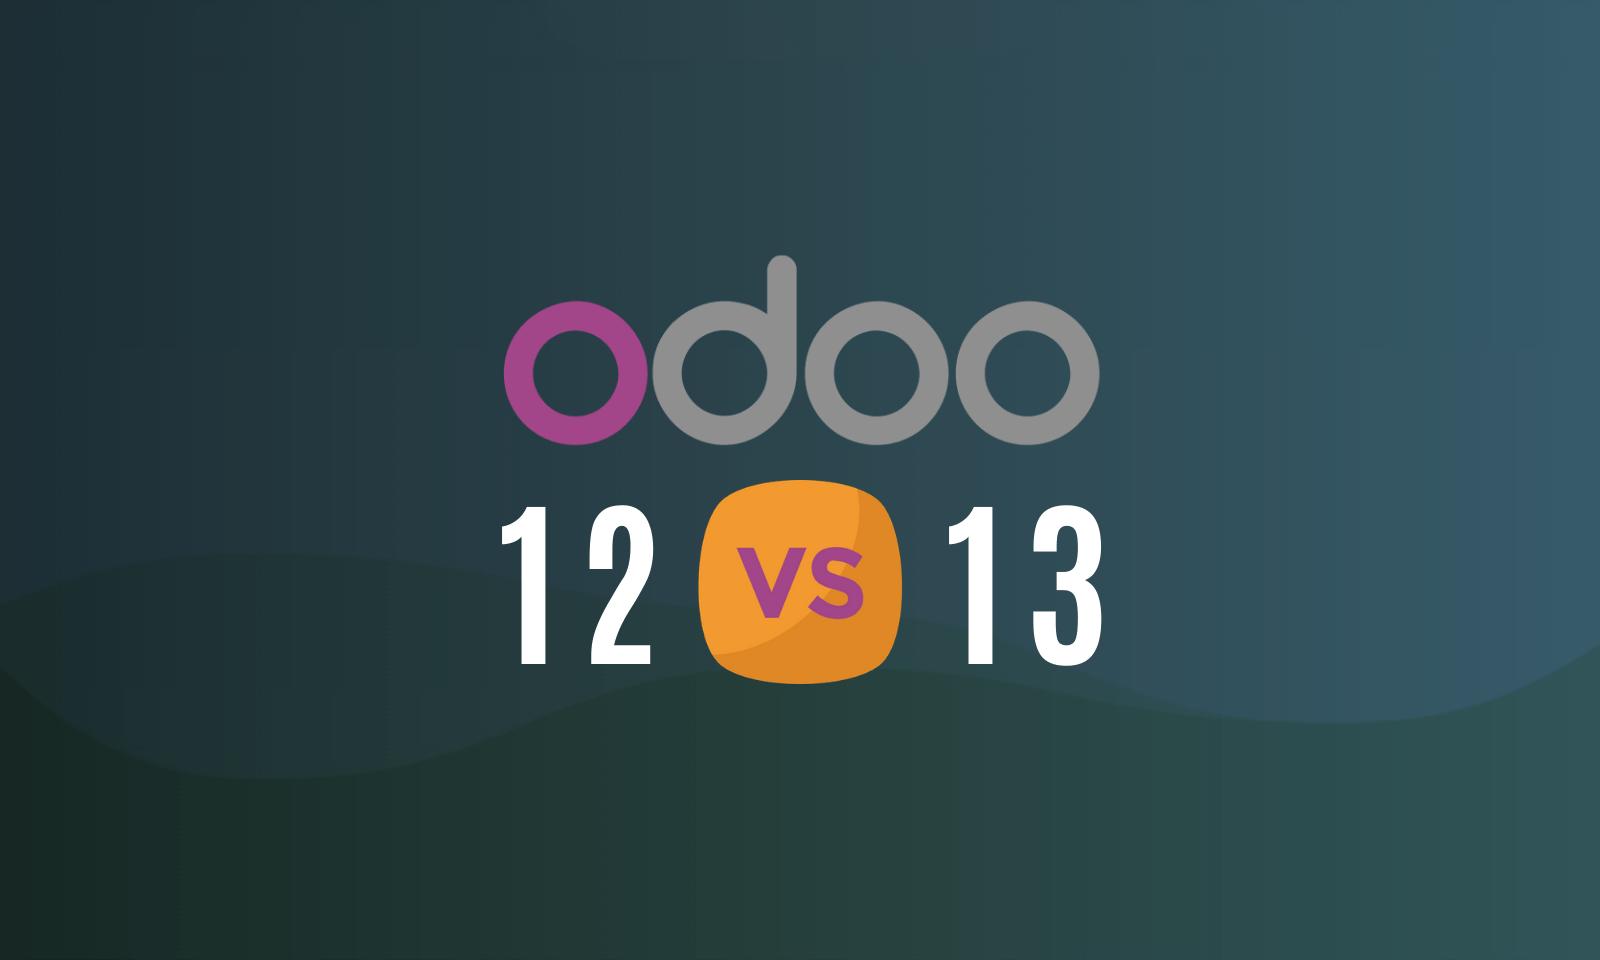 odoo-12-vs-odoo-13